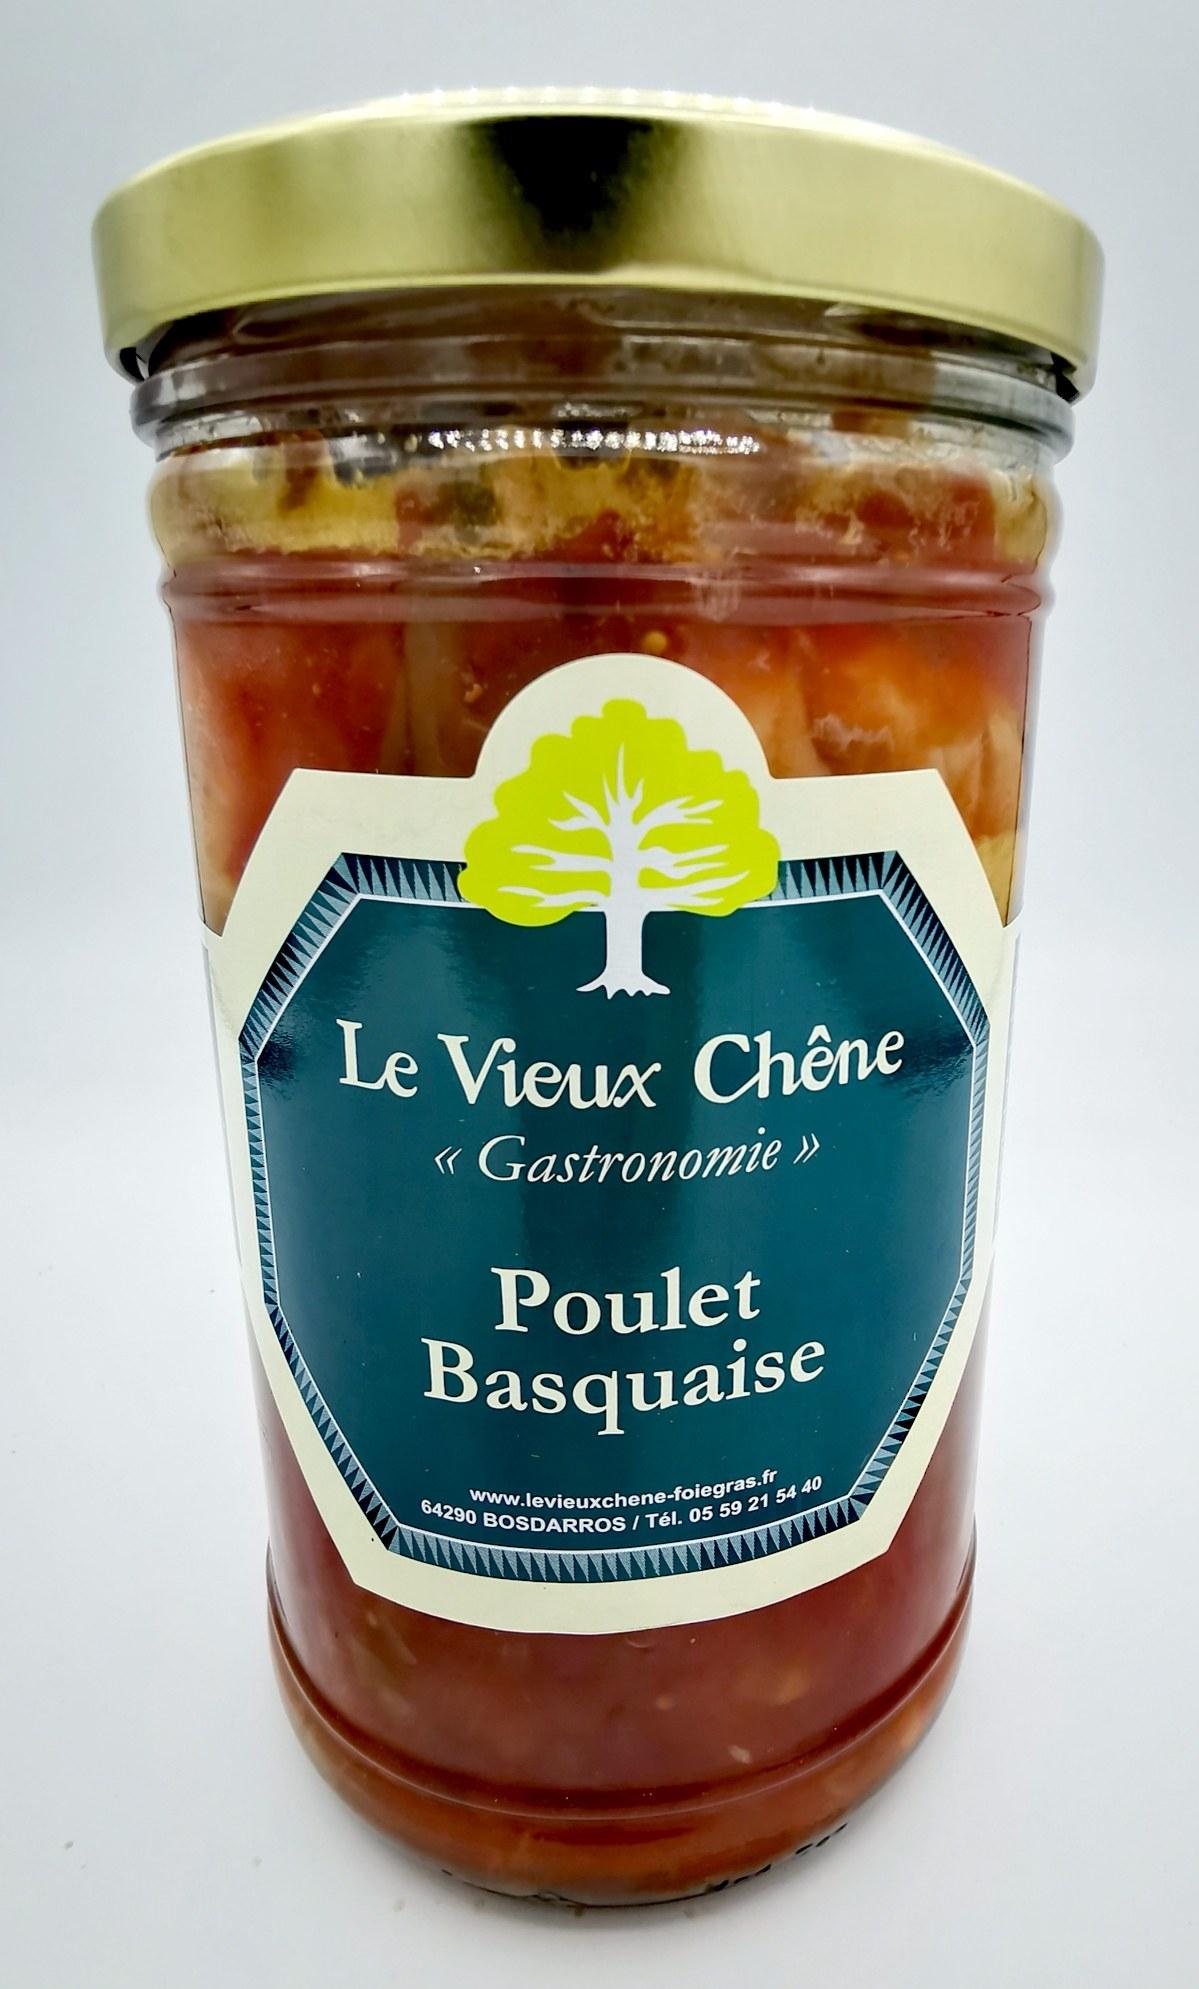 Poulet Basquaise - Le Vieux Chêne - charcuterie - vallée d'aspe - local